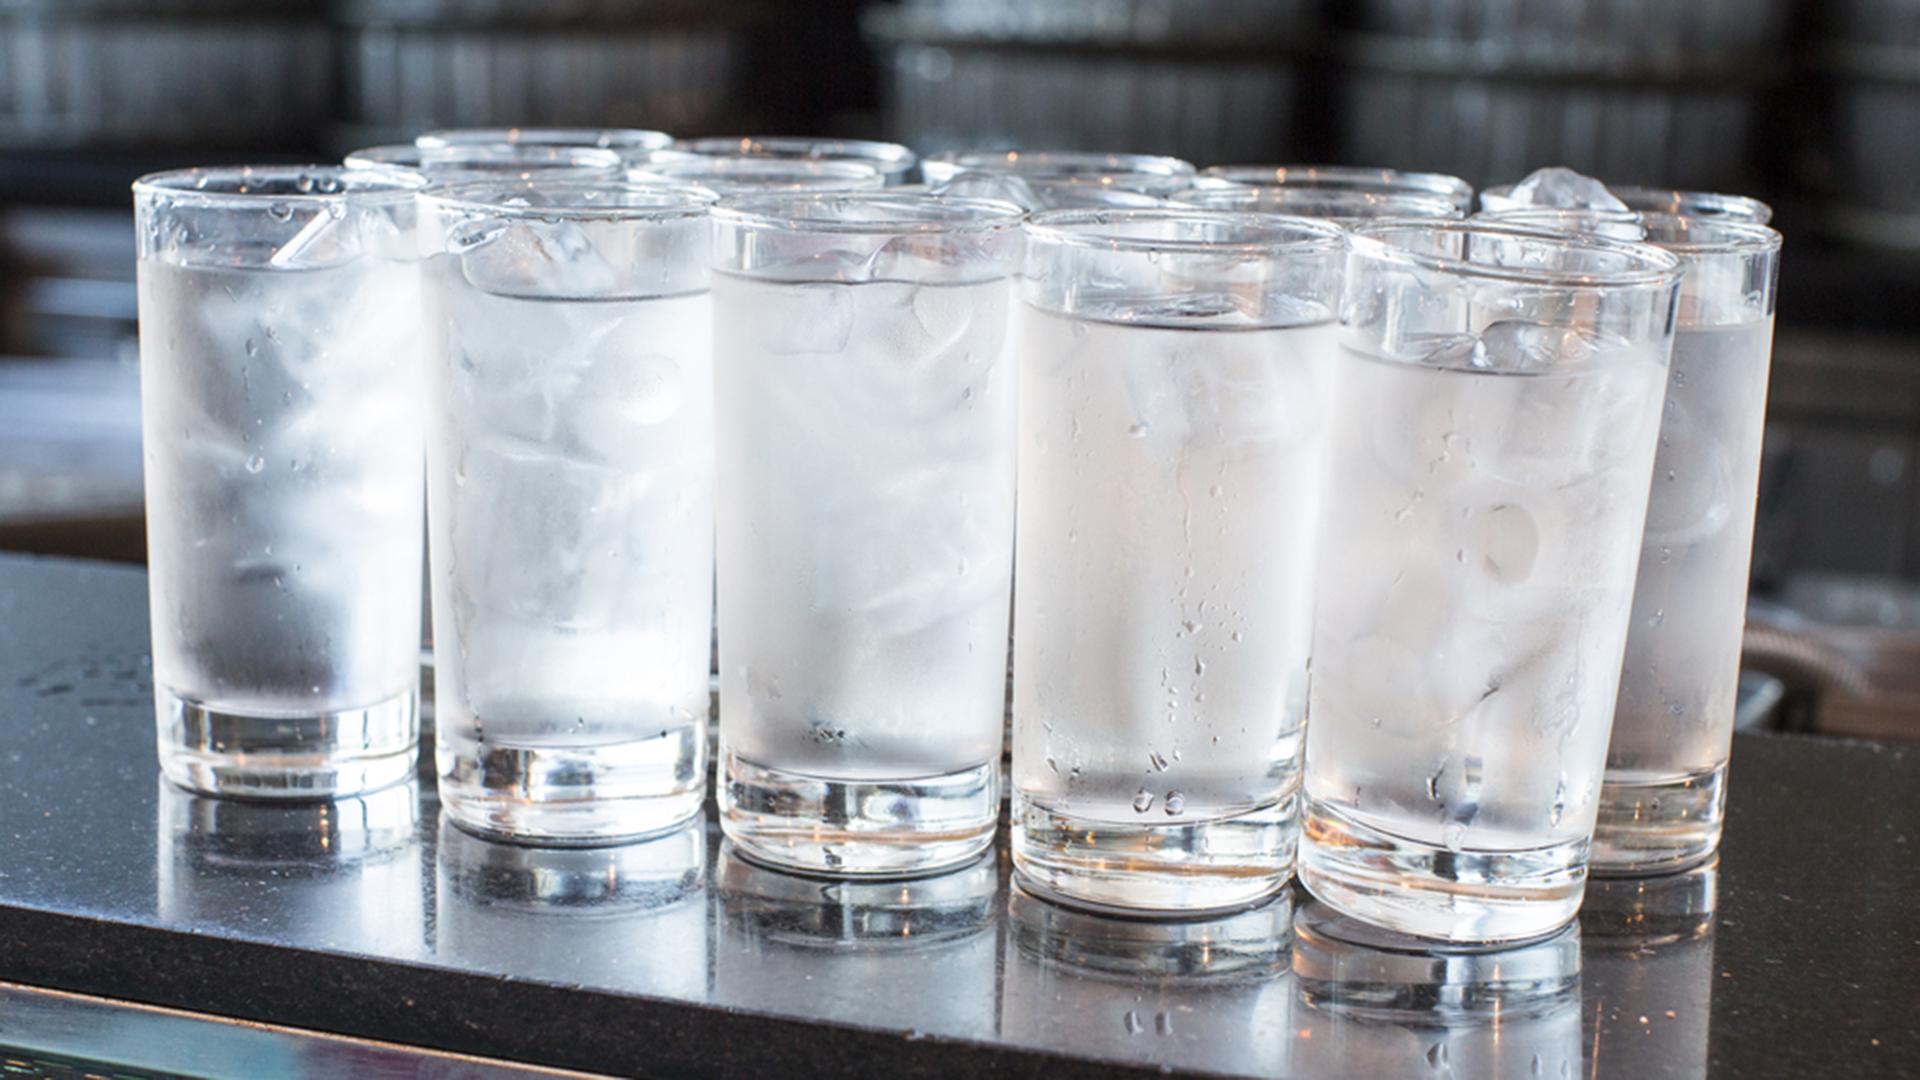 آشامیدن آب یخ چه بلایی بر سر شما میآورد؟